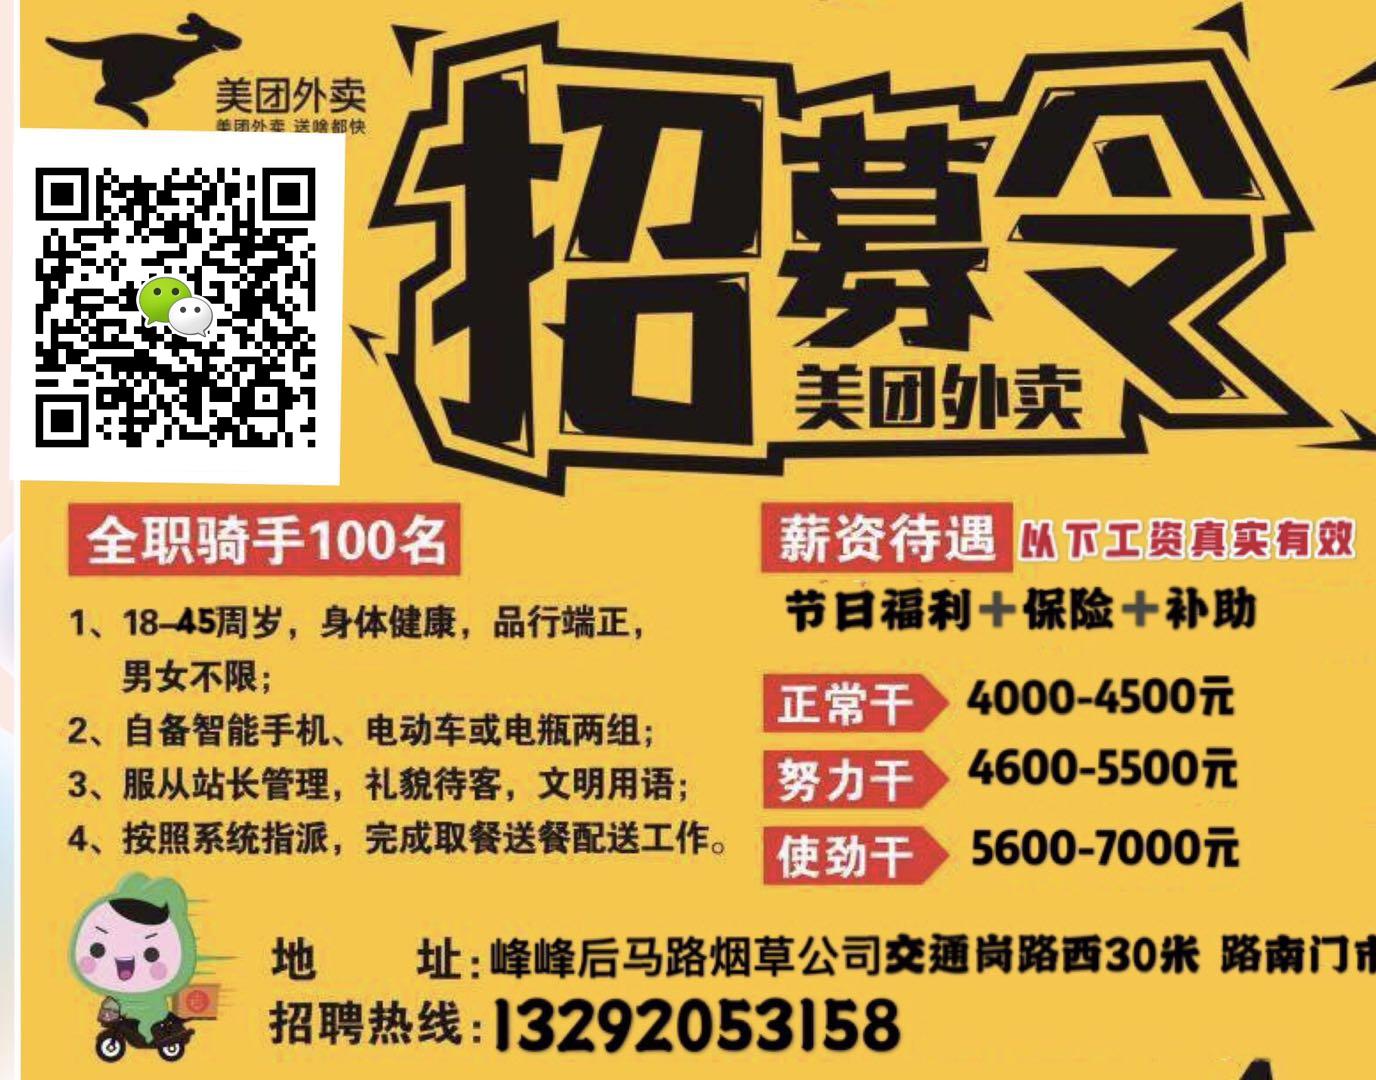 美�F外�u�L期招聘送餐�T手和�I�战�理,月薪4000-8000上不封�!